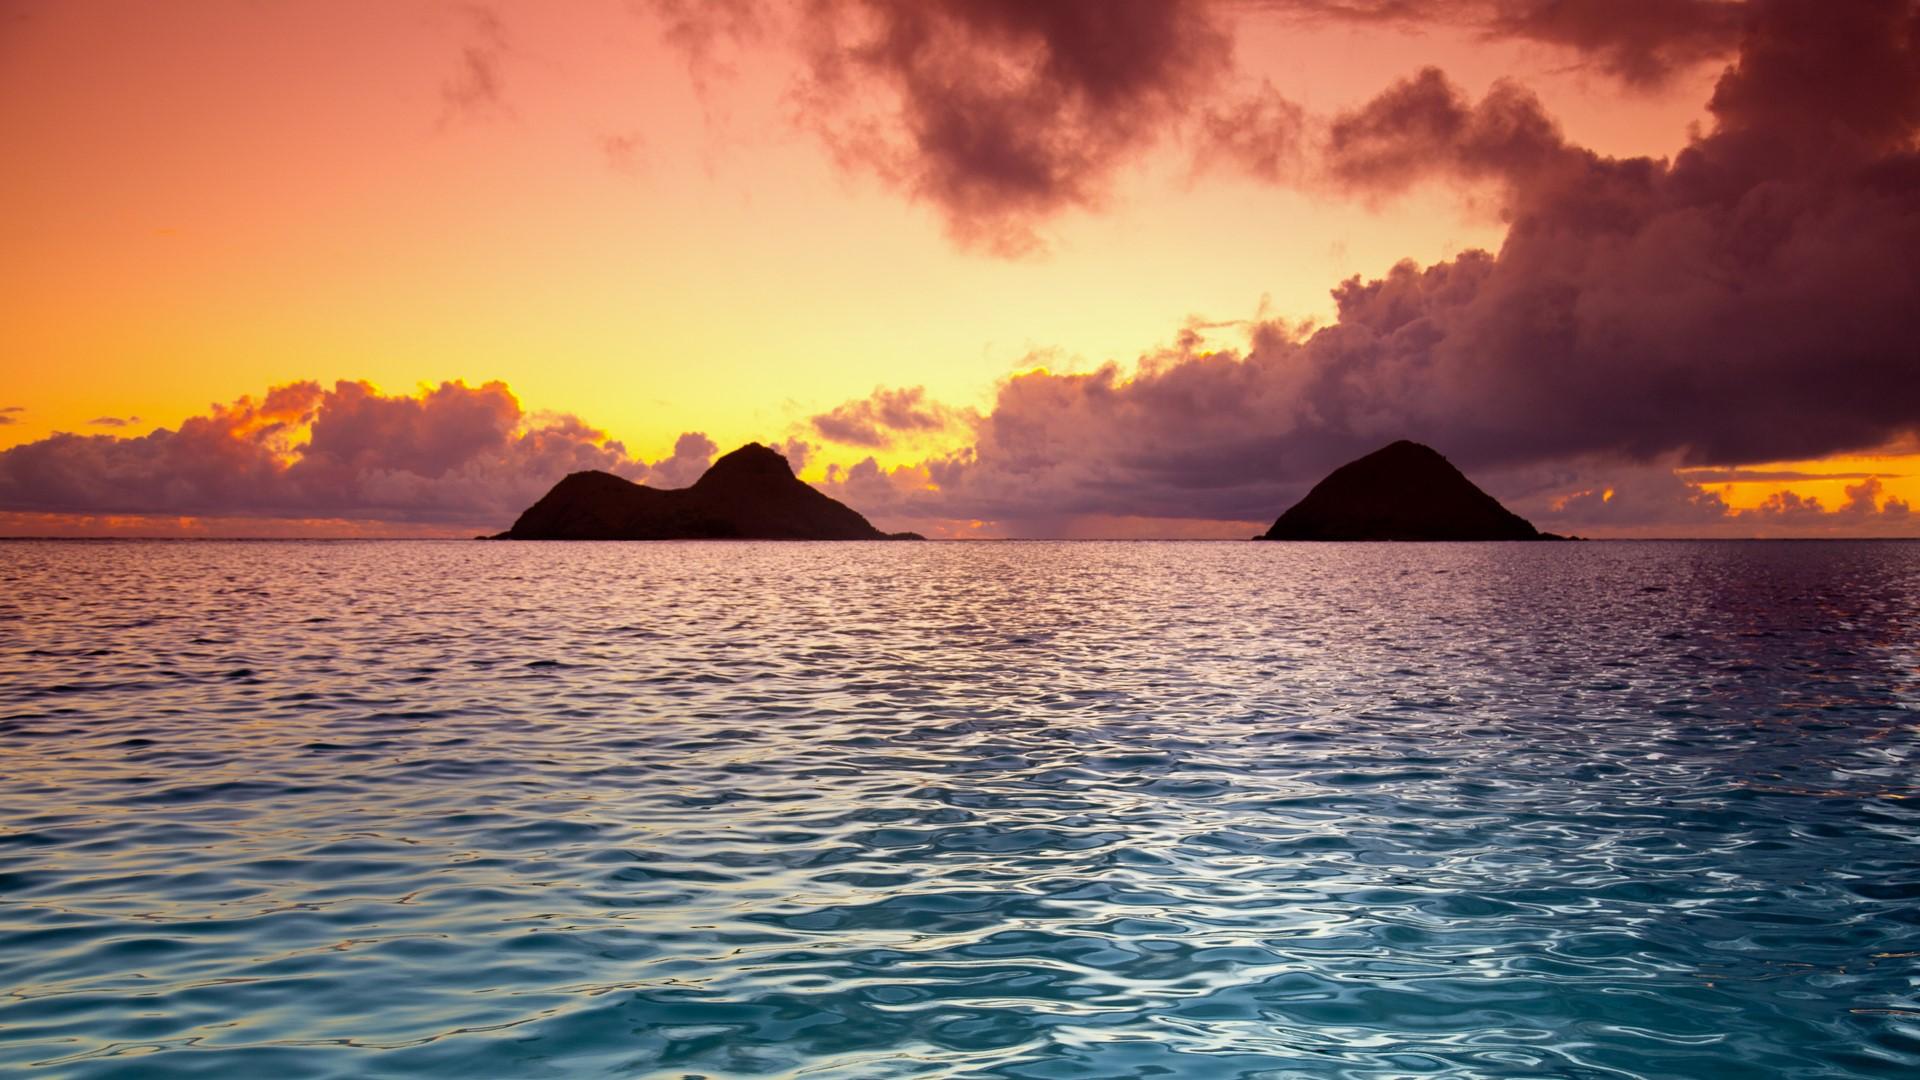 Na Mokulua Hawai: Lanikai Beach With Nā Mokulua Islands In Kailua, Oahu